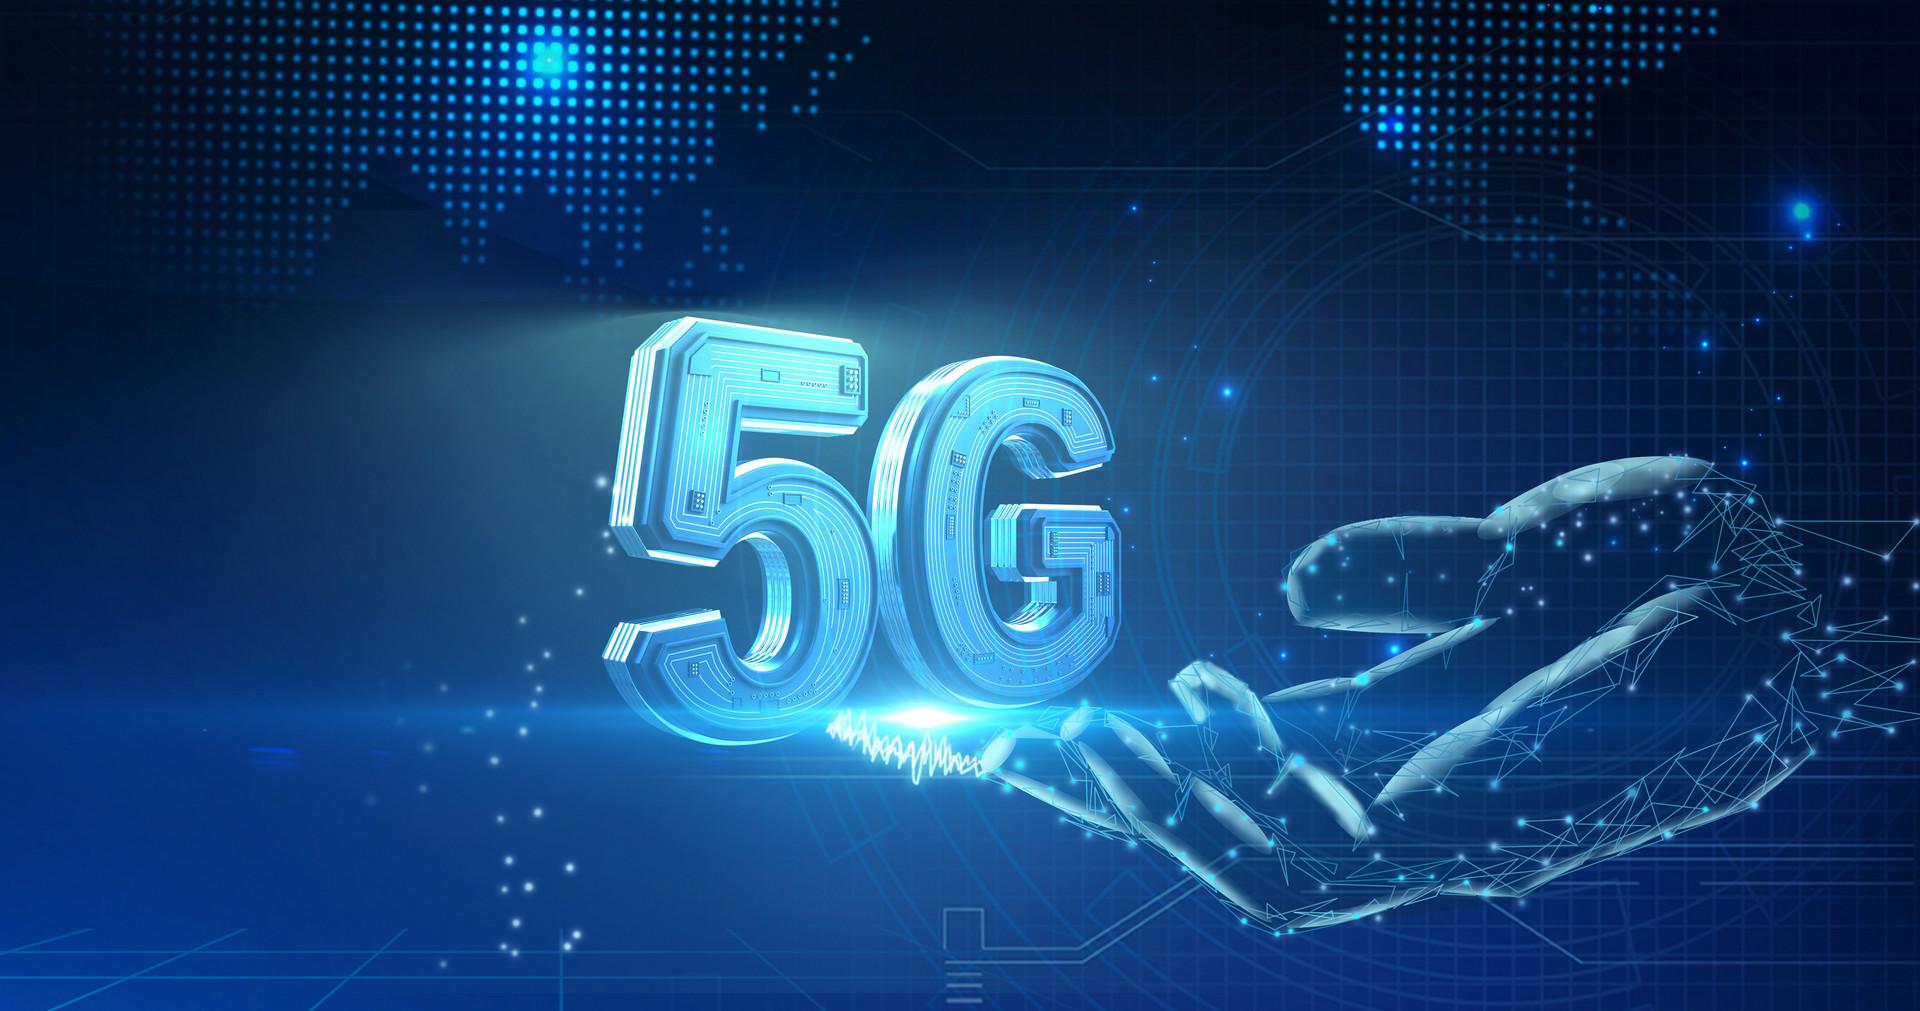 :中国领先的5G技术或助推全球半导体市场进入繁荣期